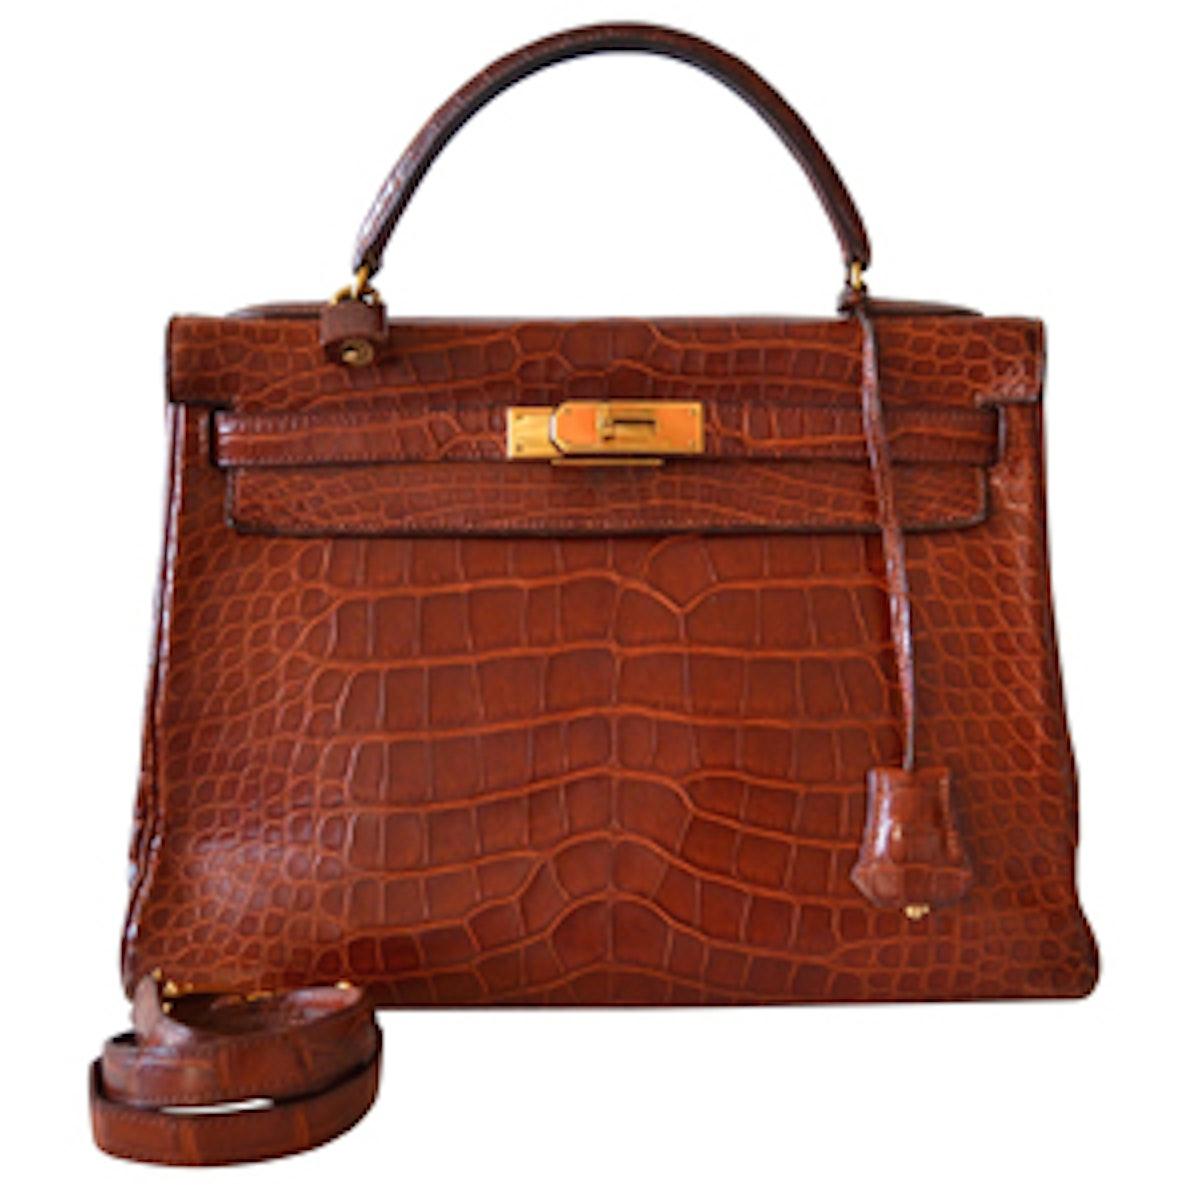 Kelley Alligator Bag